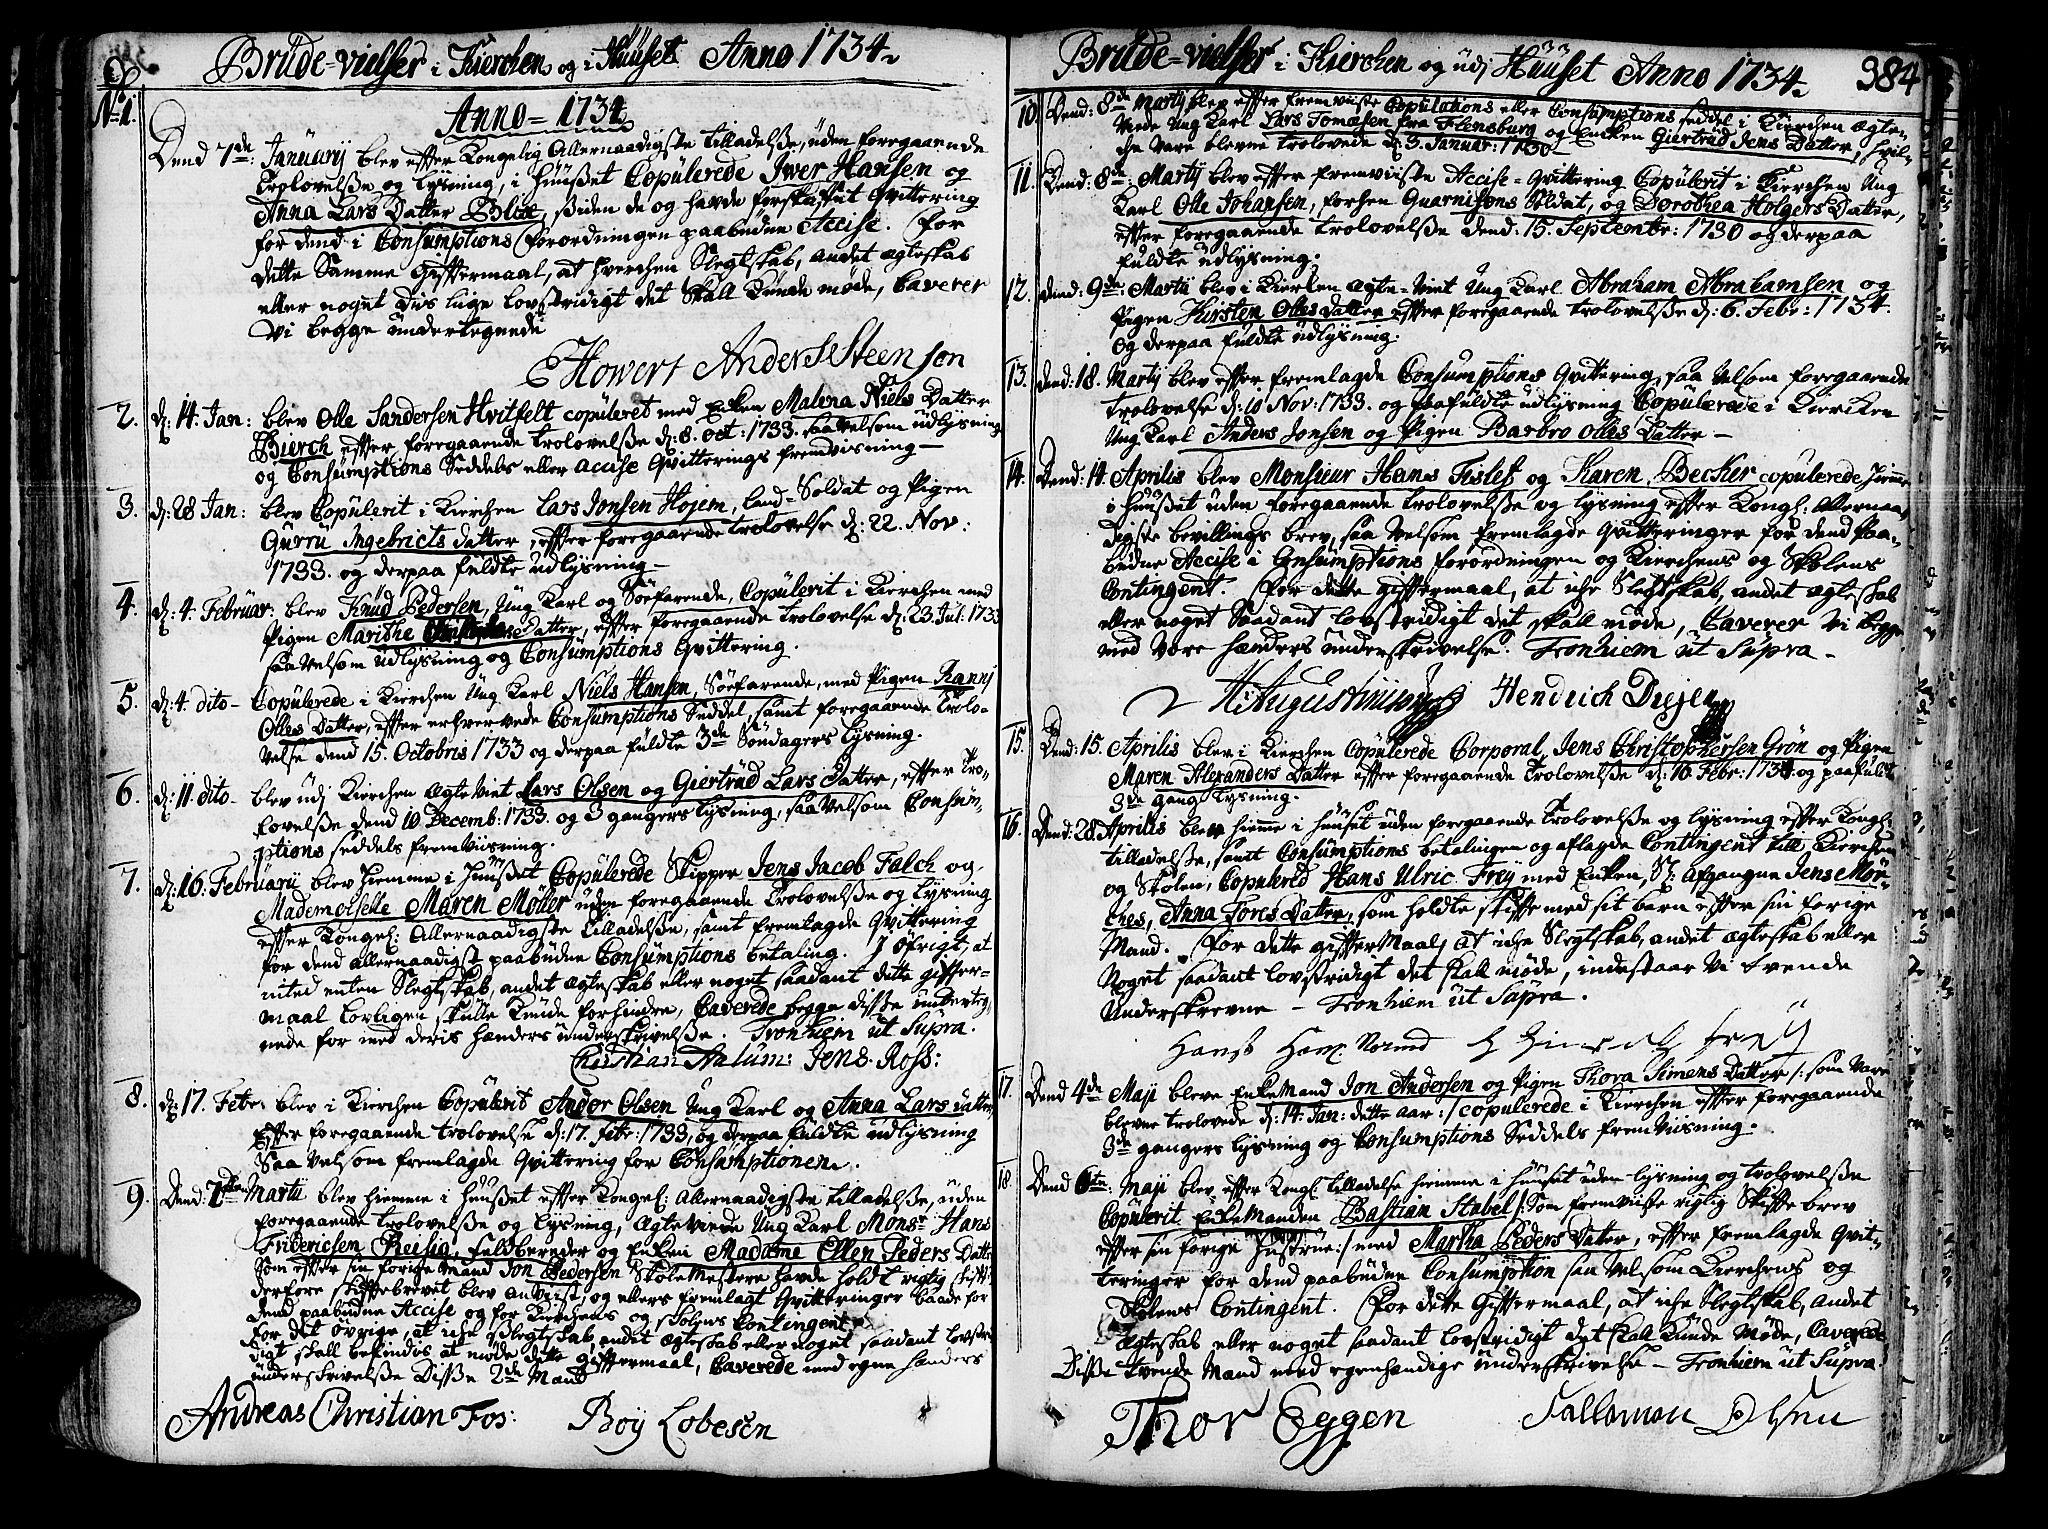 SAT, Ministerialprotokoller, klokkerbøker og fødselsregistre - Sør-Trøndelag, 602/L0103: Ministerialbok nr. 602A01, 1732-1774, s. 384